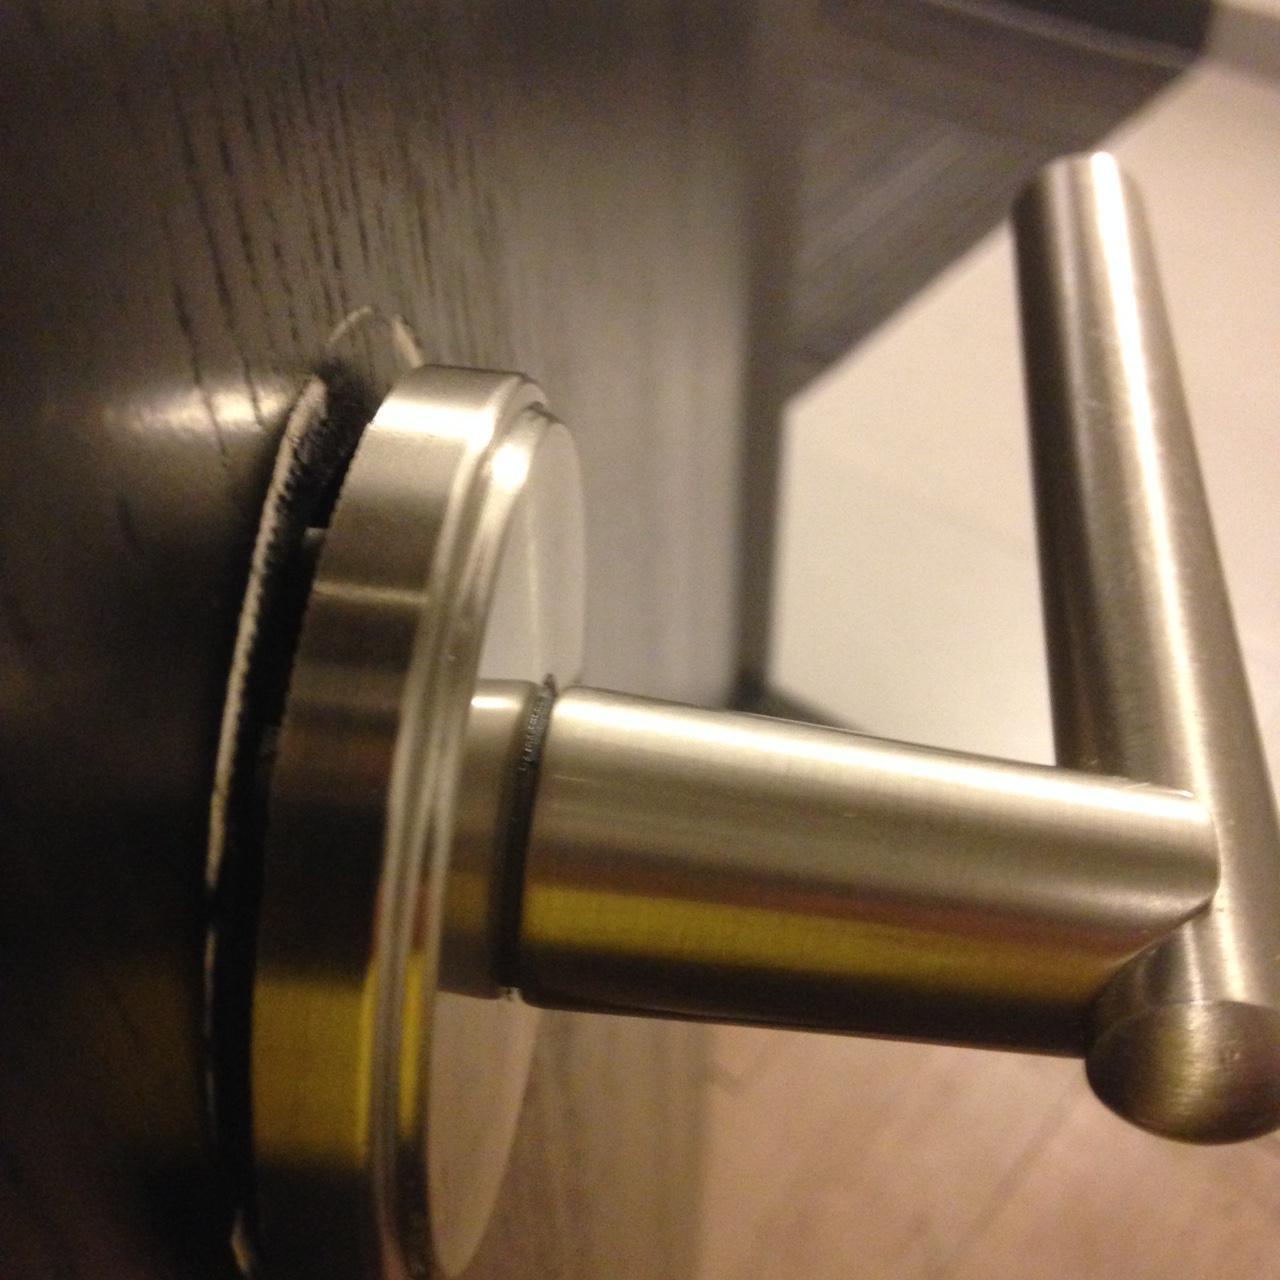 tighten door knob photo - 6